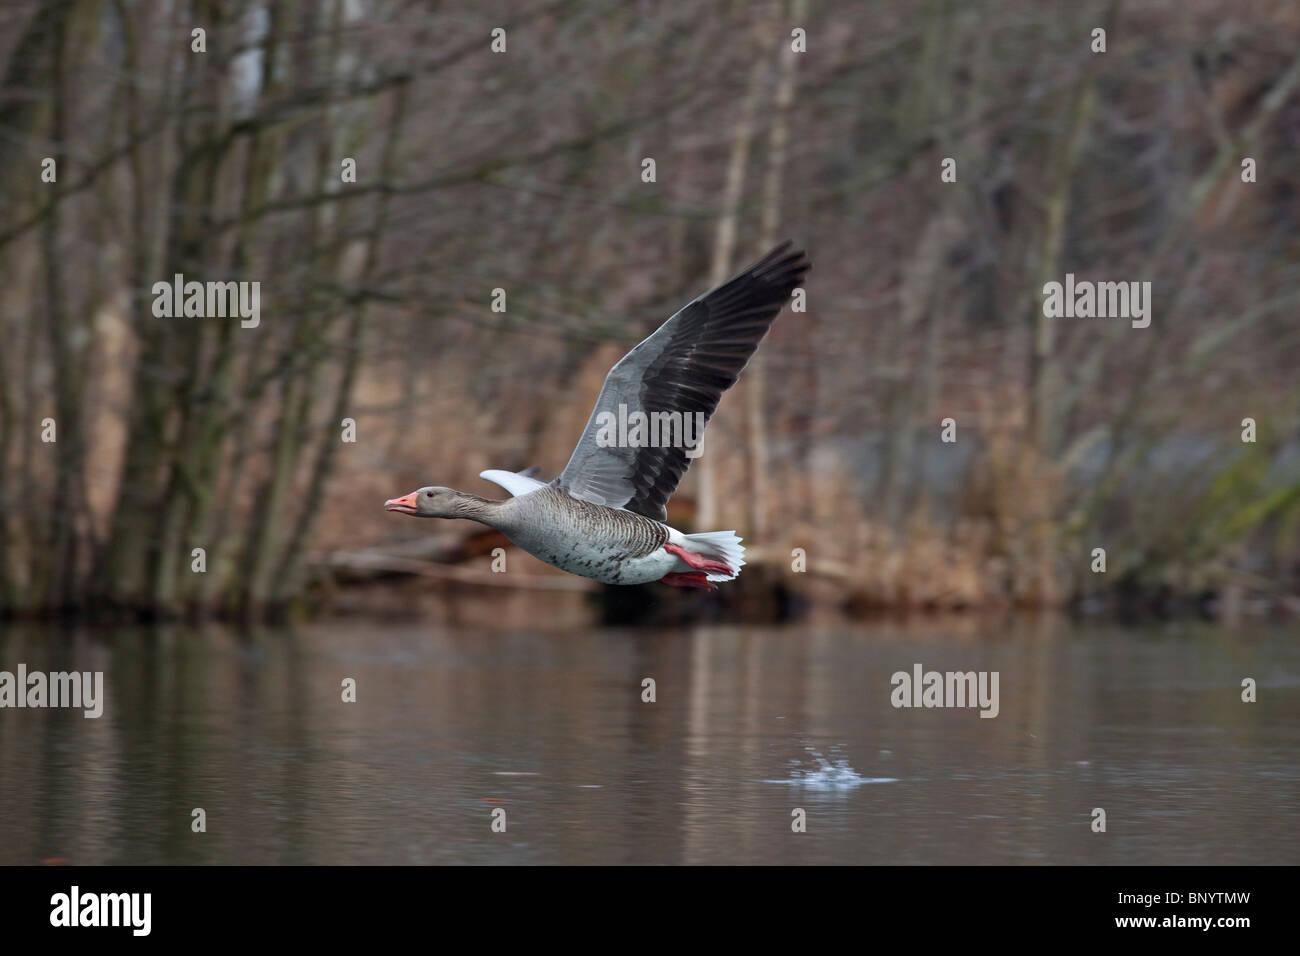 Grauwe gans (Anser anser) vliegt op vanaf meer, Duitsland Greylag Goose / Graylag Goose (Anser anser) taking off - Stock Image